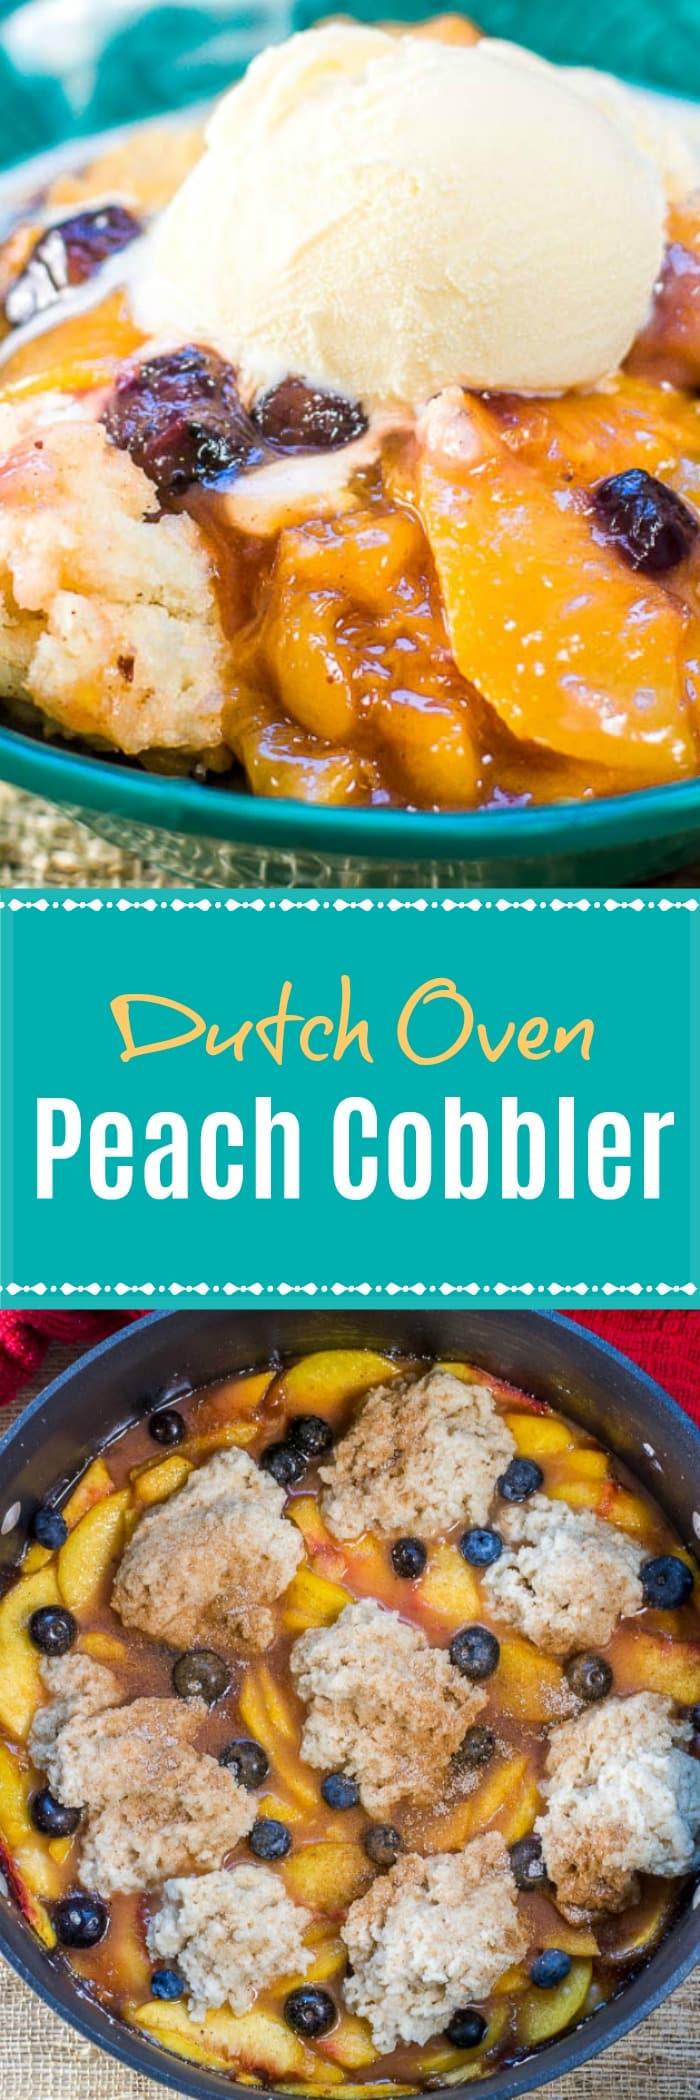 Dutch Oven Peach Cobbler with Fresh Peaches